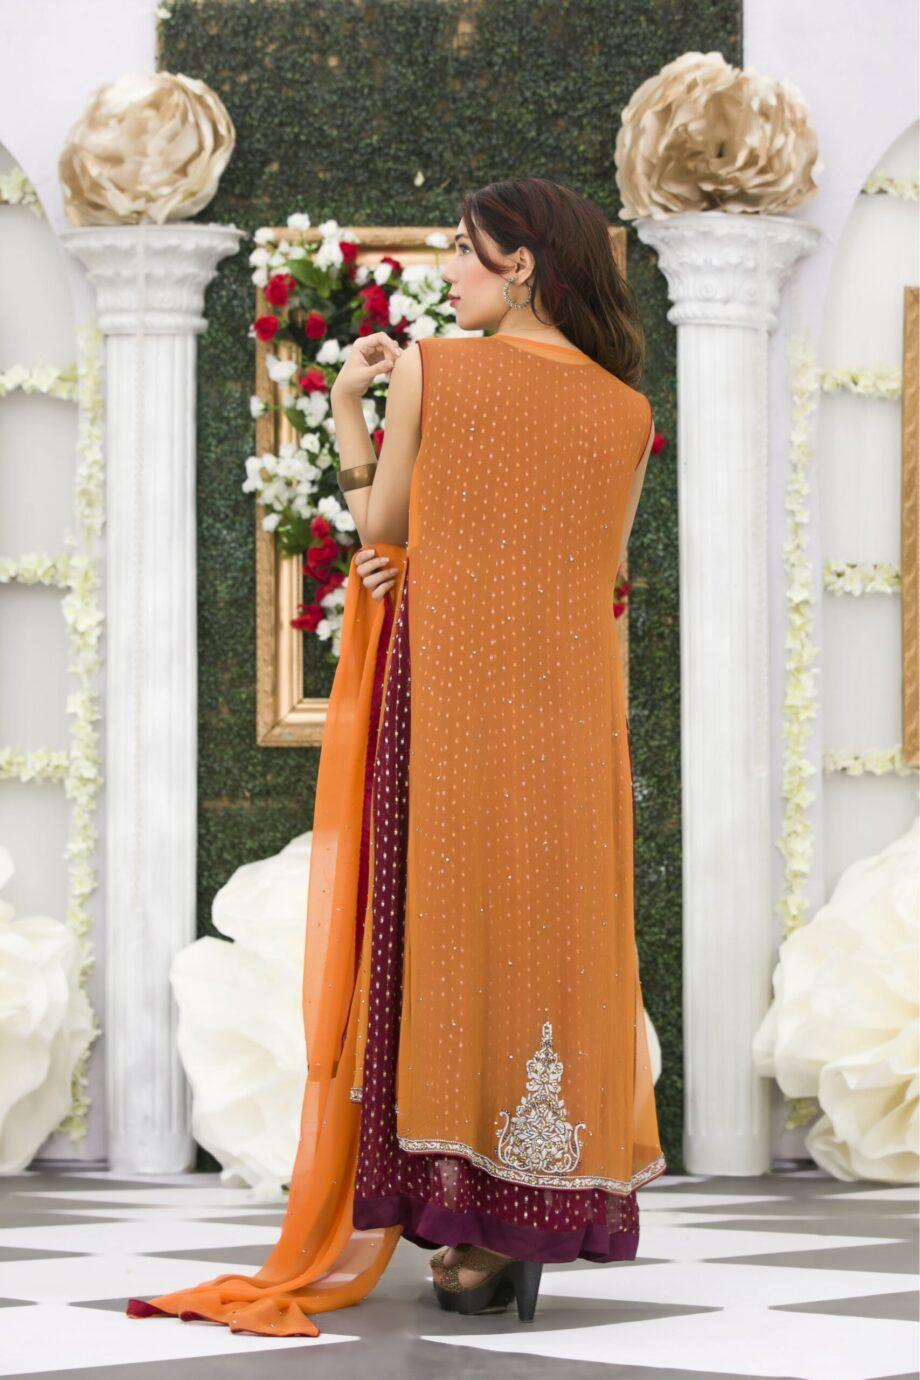 Buy Exclusive Orange Maroon Mehndi Dress Online In USA, Uk & Pakistan